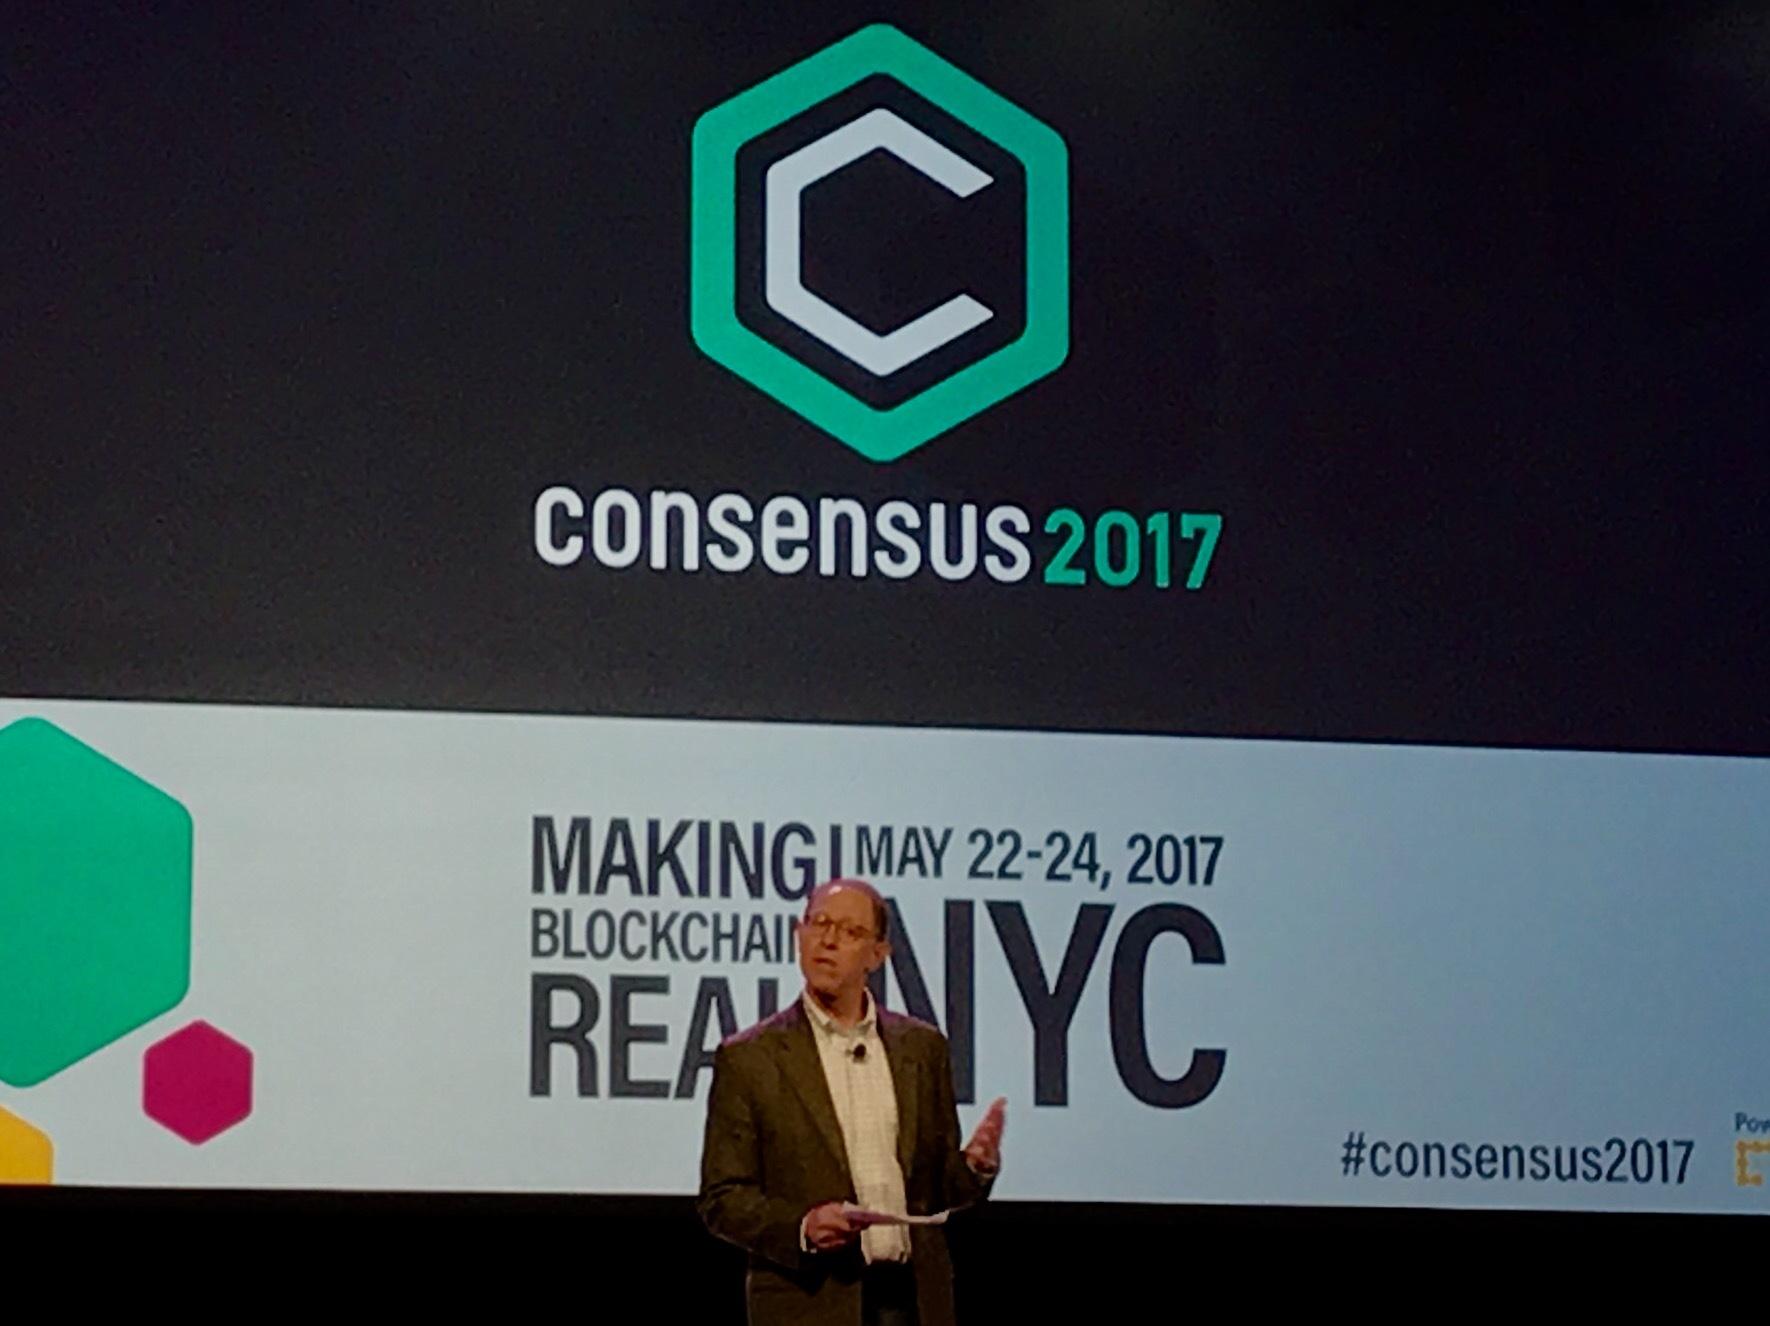 May 22, Consensus 2017_a0317236_09412992.jpg